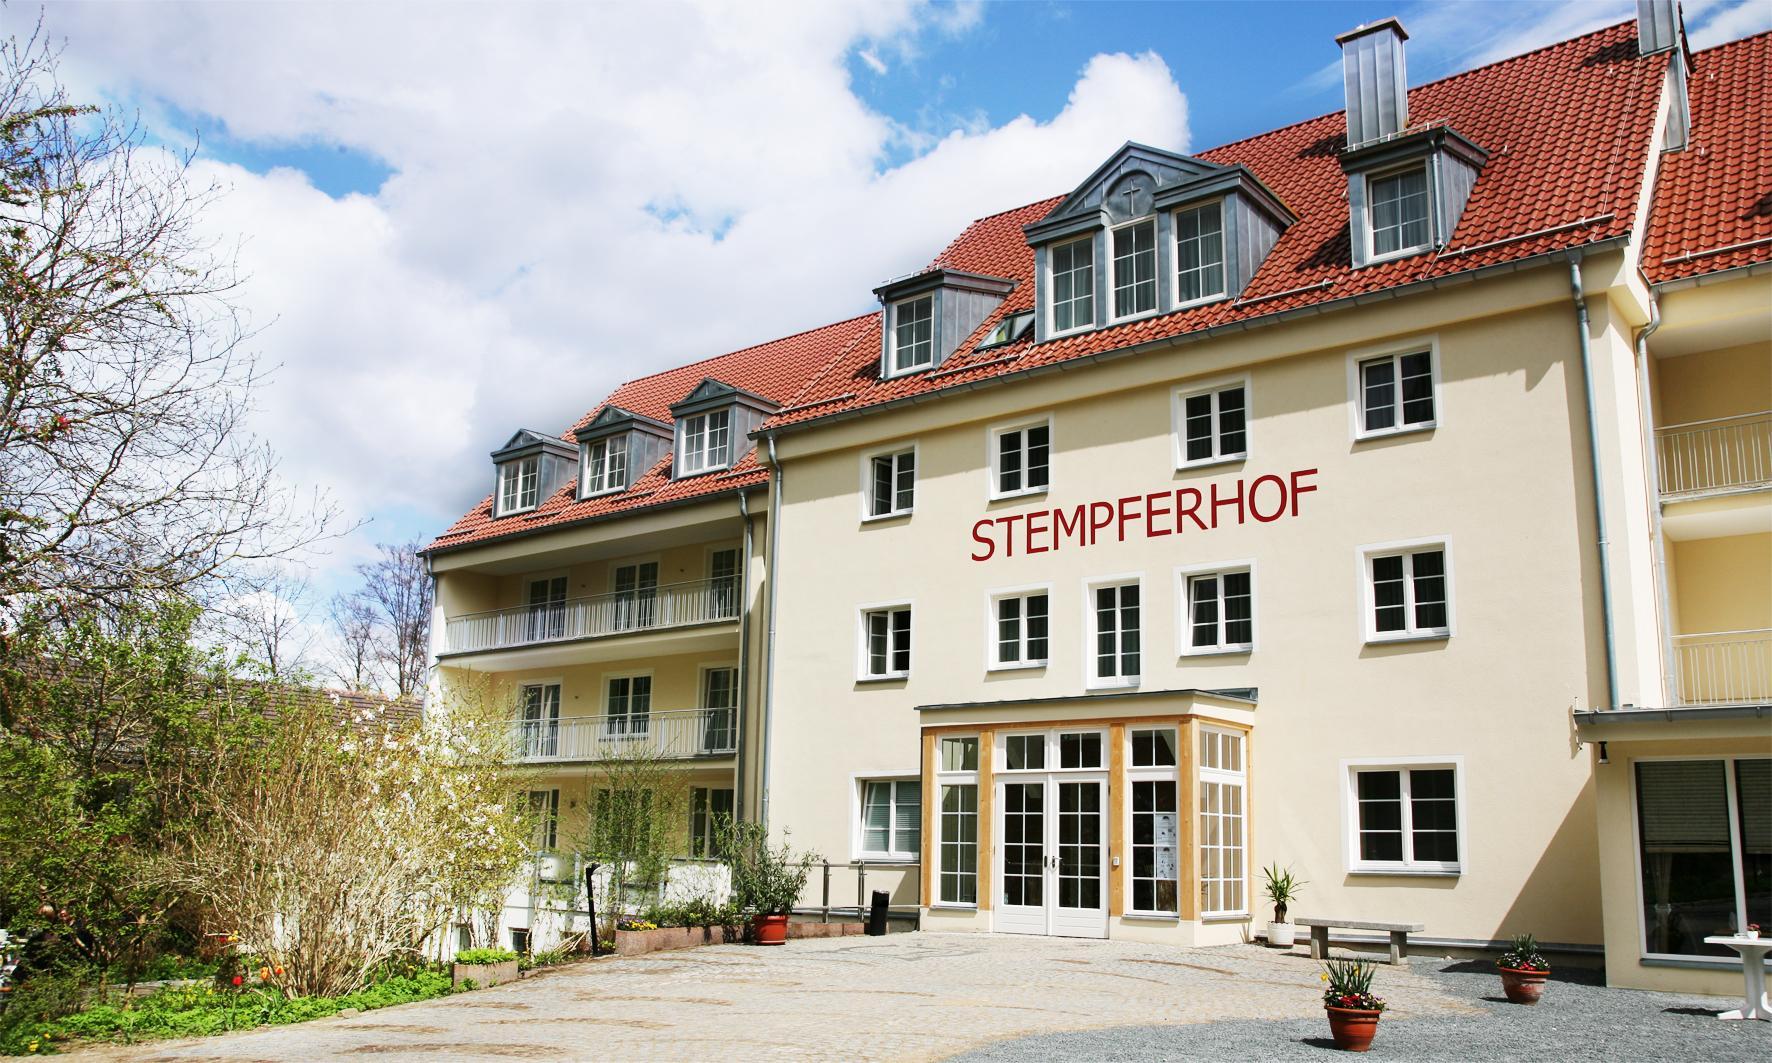 Erlangen Stempferhof Weddix